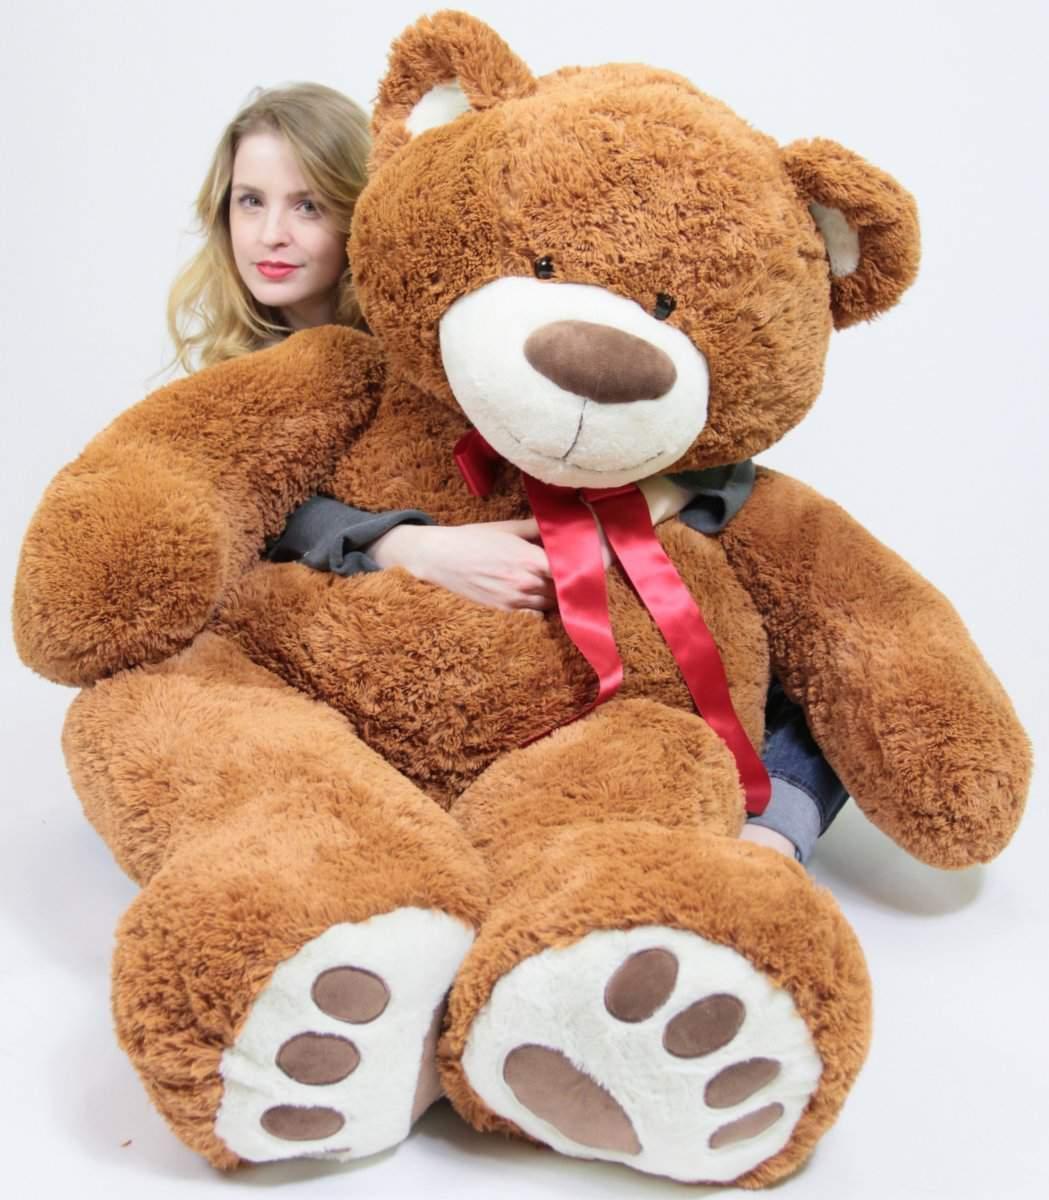 1.5m Sehr Groß Braun Teddybär Weich, 1.5m Groß Riese Plüschtier Bär Neu